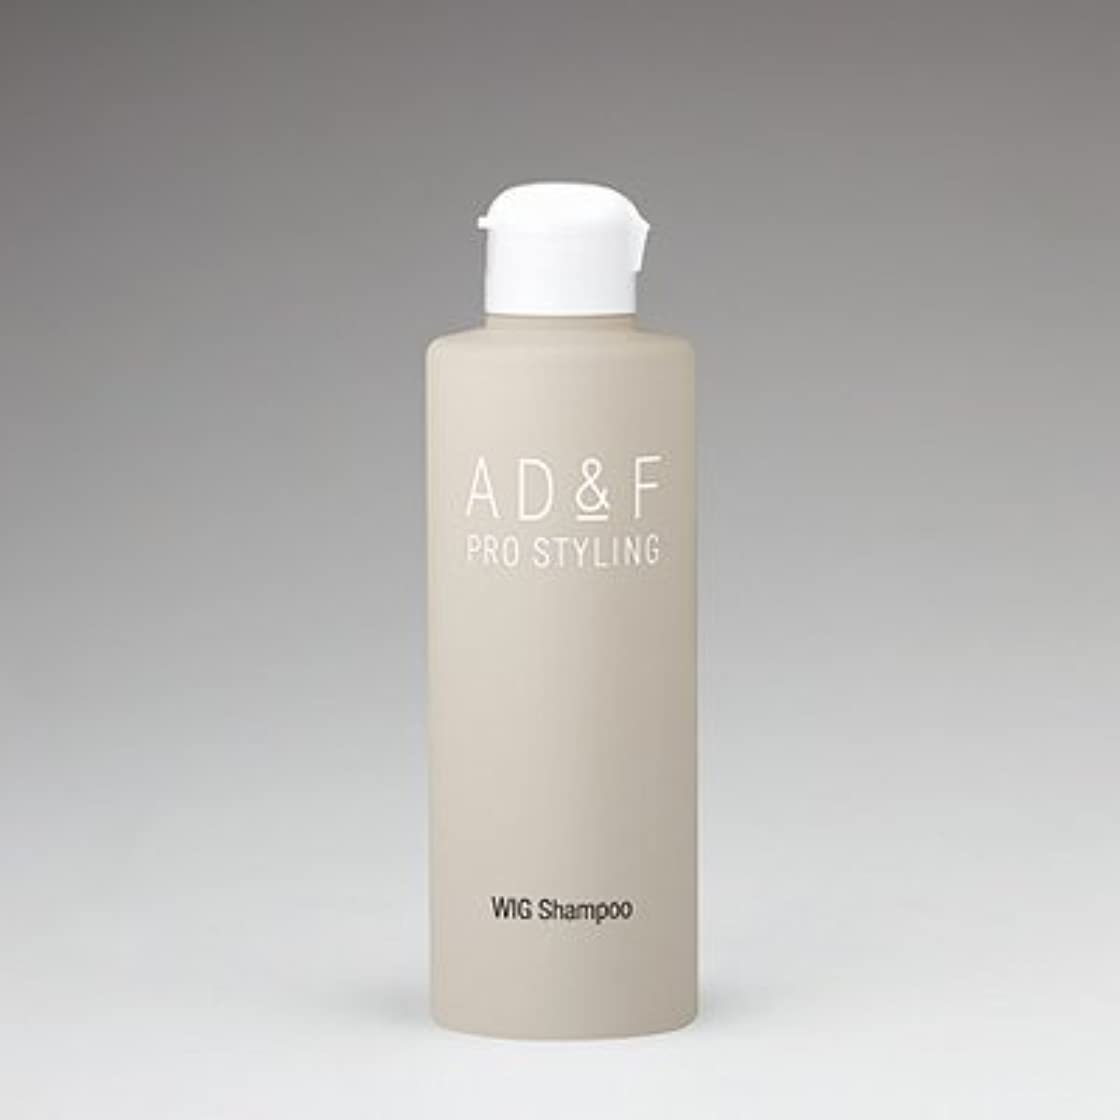 農学嫌悪機動フォンテーヌ AD&F WIGシャンプー 200ml 合成繊維ウィッグ、人毛&合成繊維ミックスウィッグ、100% 人毛ウィッグのケア用シャンプーです。 10P06Aug16